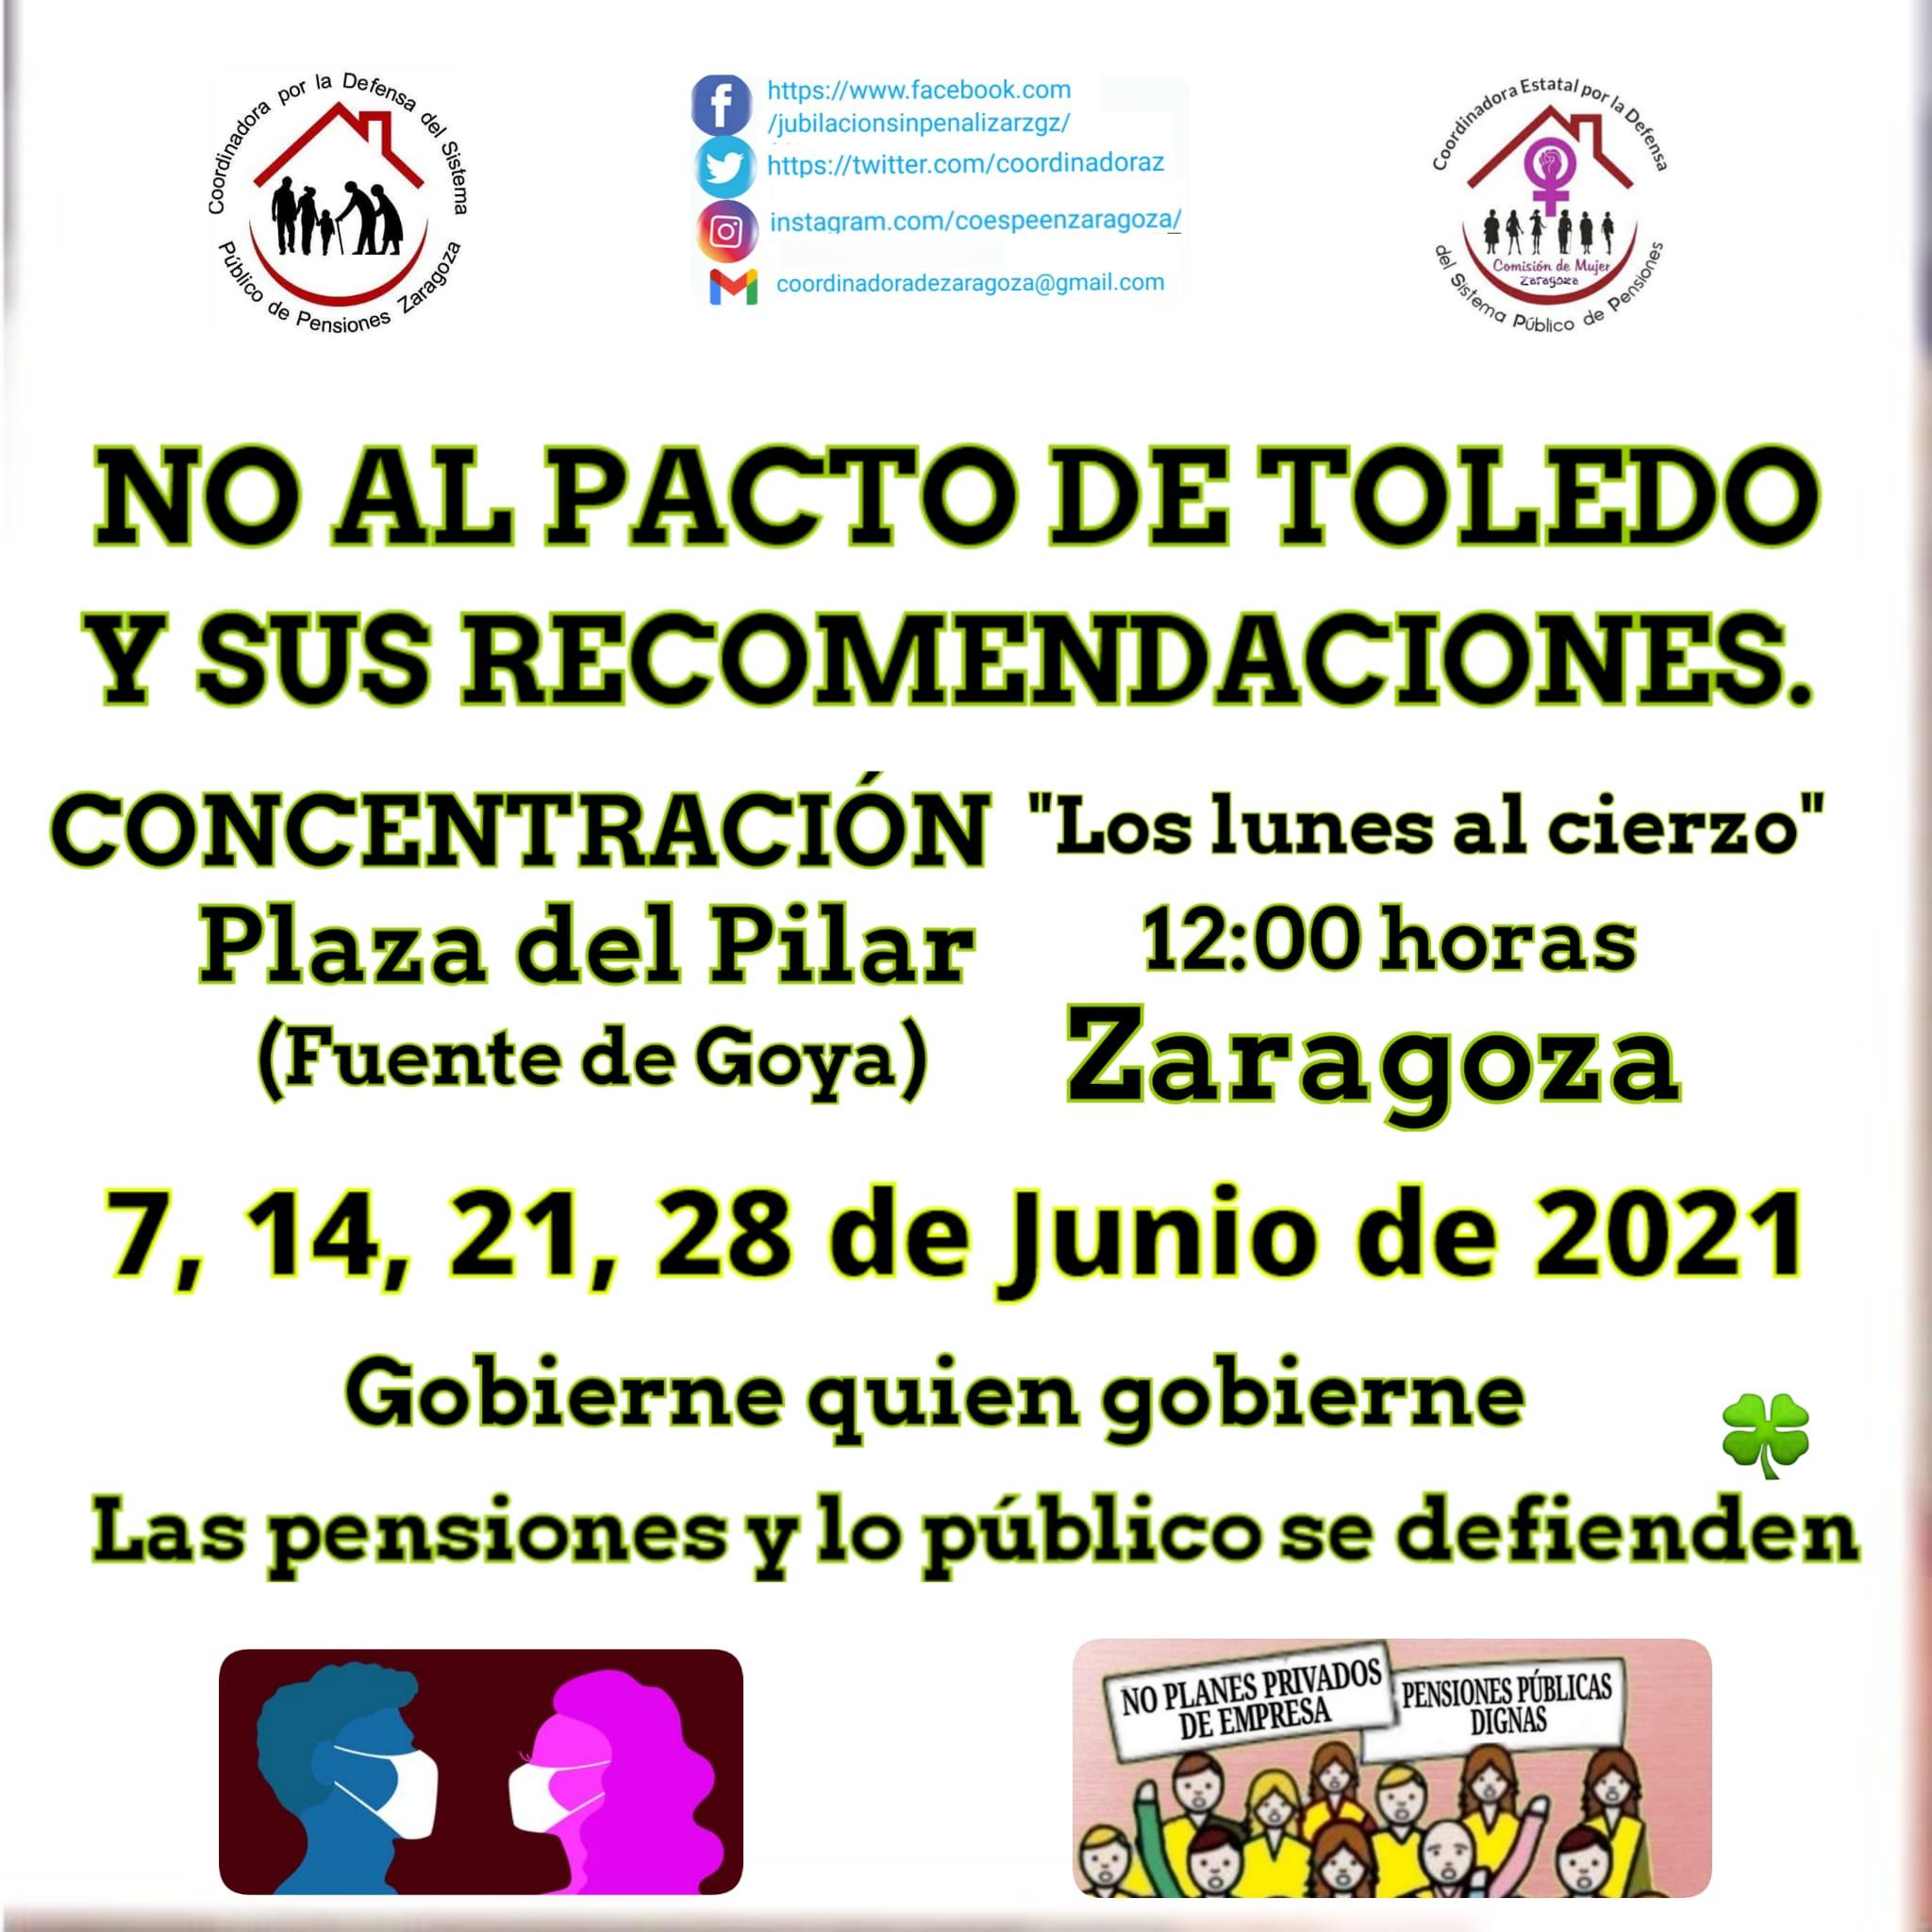 28J. Lunes al Cierzo contra el pacto secreto de gobierno y sindicatos del poder.